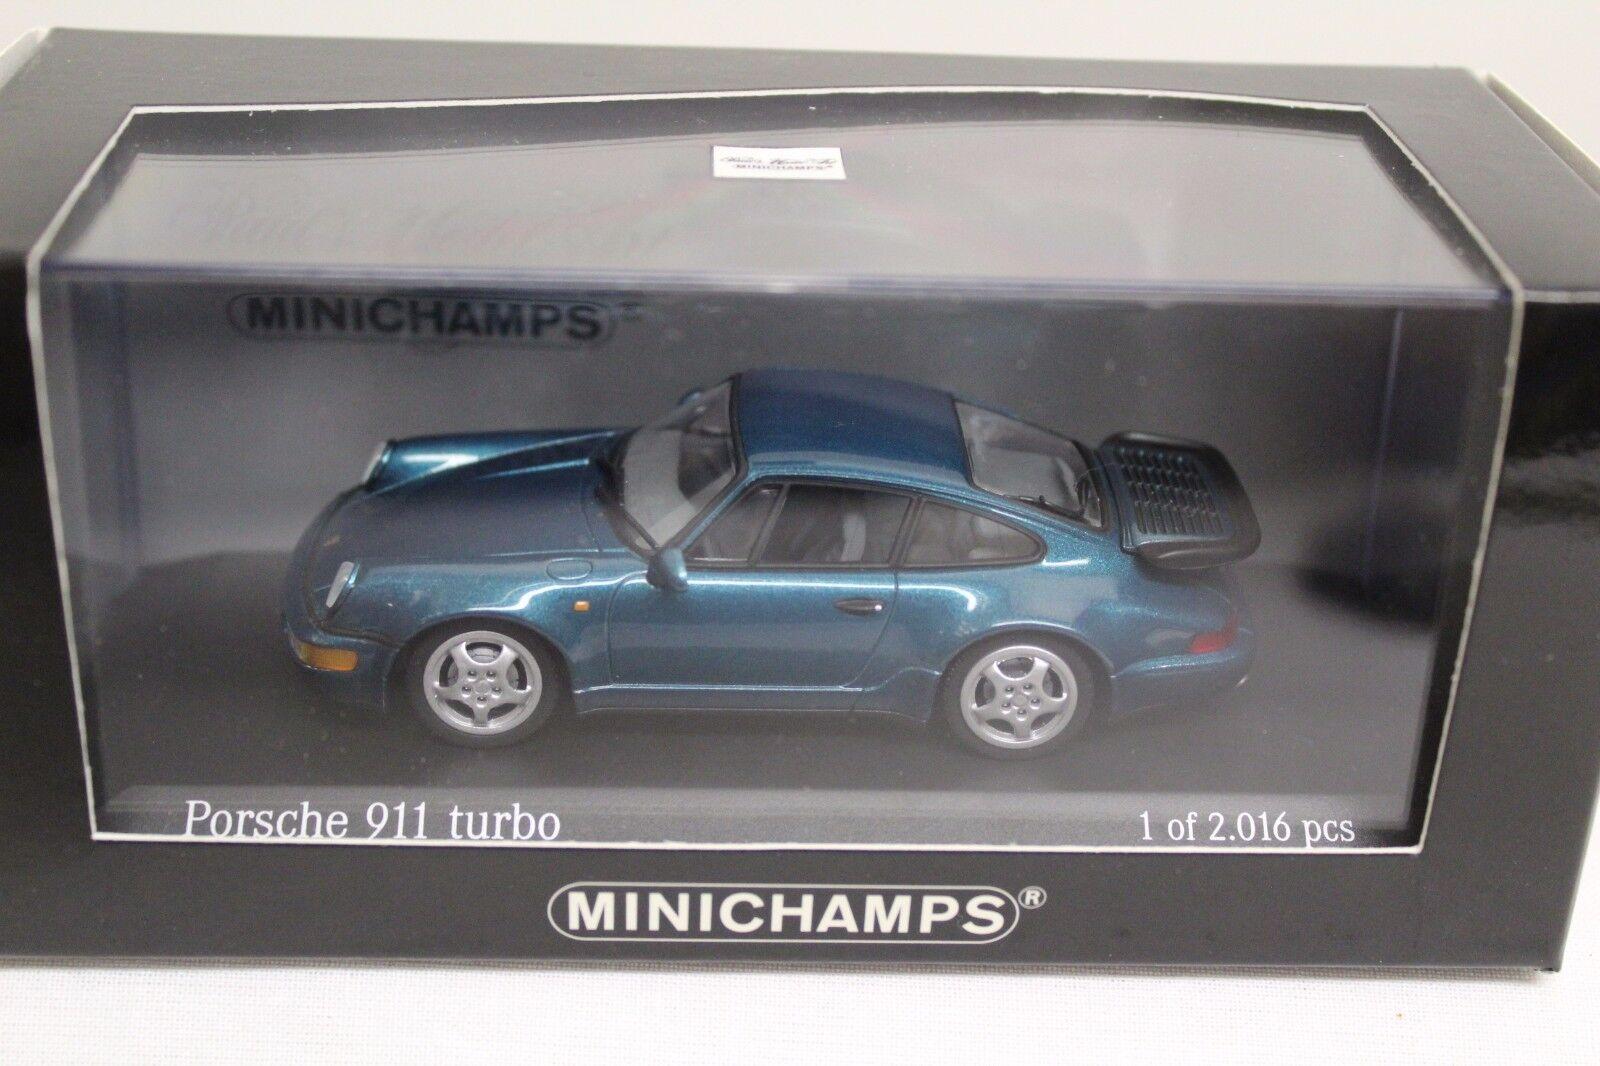 Minichamps Porsche 911 turbo 964 1990 turquesa metalizado 1 43 43 43 nuevo Limited Edition a32849